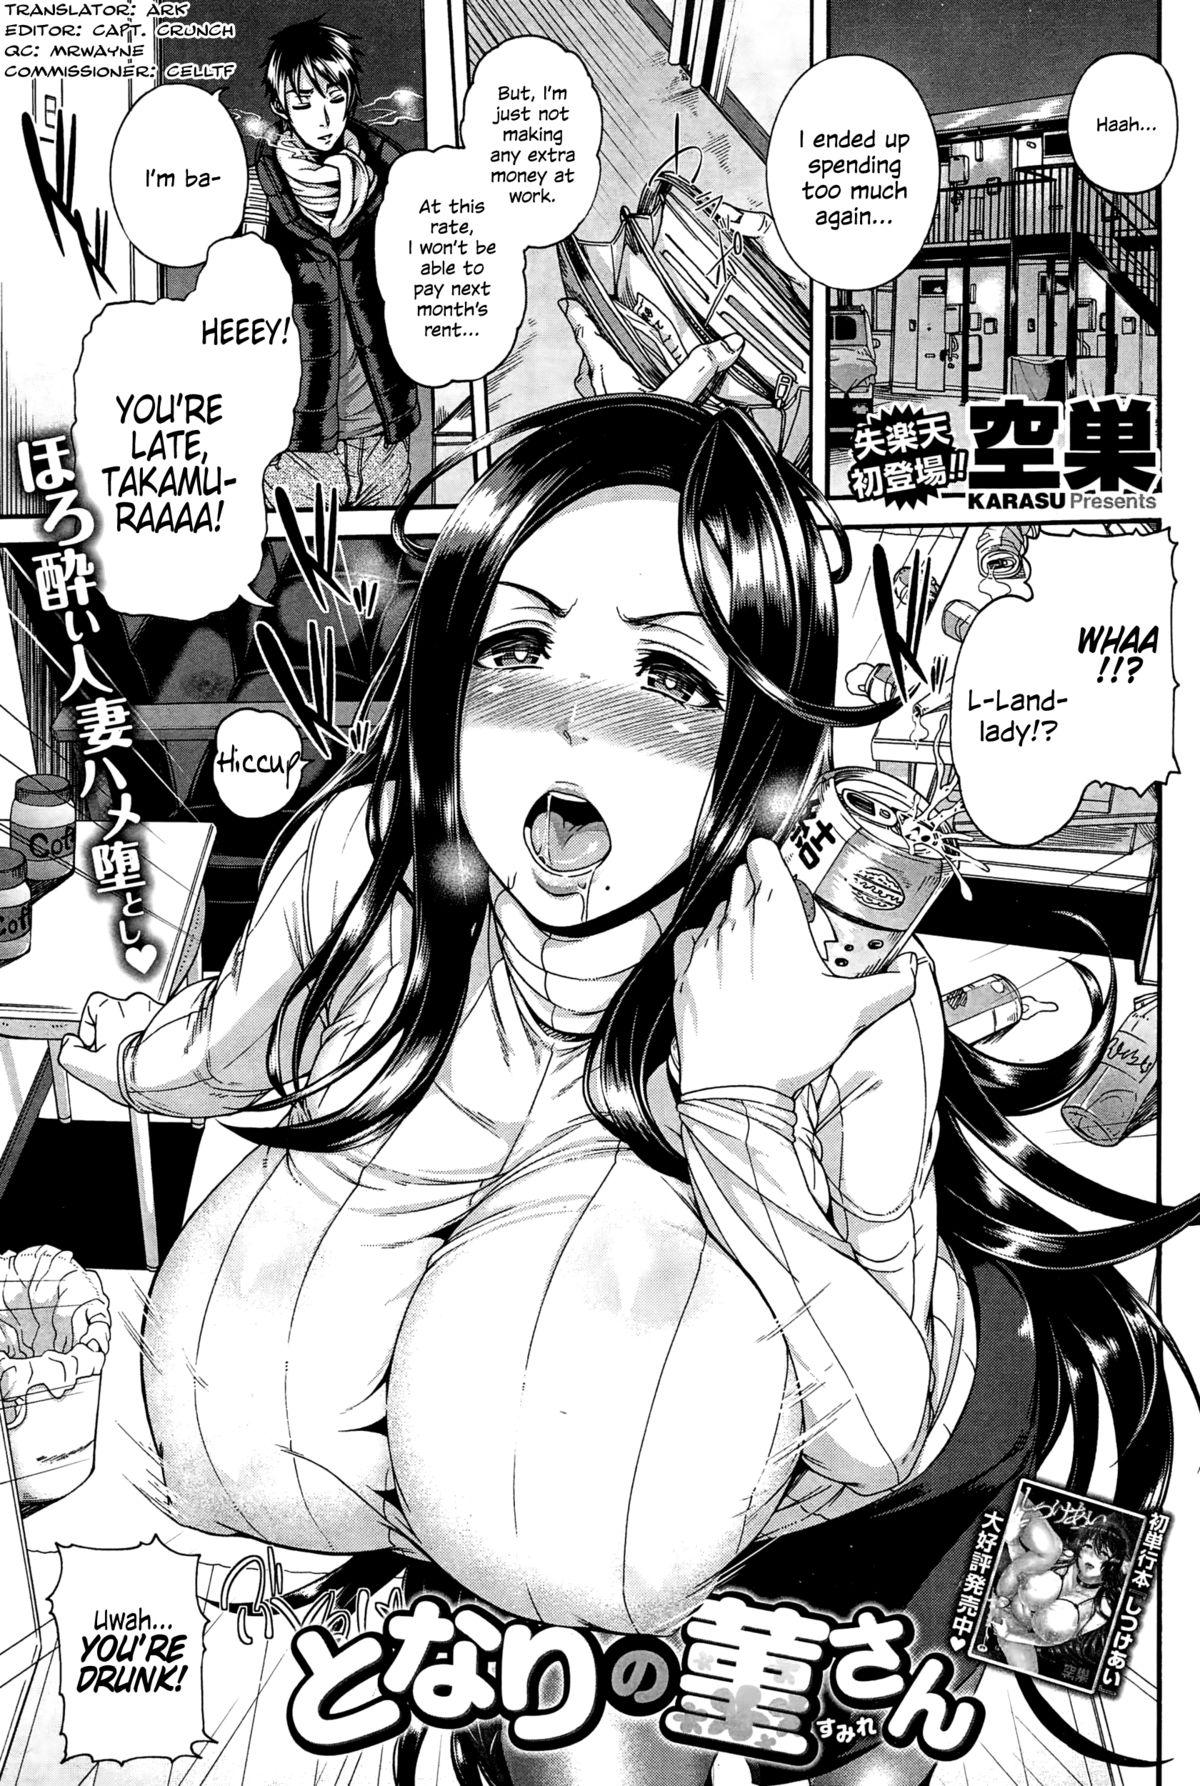 [Karasu] Tonari no Sumire-san | My Neighbor Sumire-san (COMIC Shitsurakuten 2015-02) [English] =LewdWaniBootleggers= 0